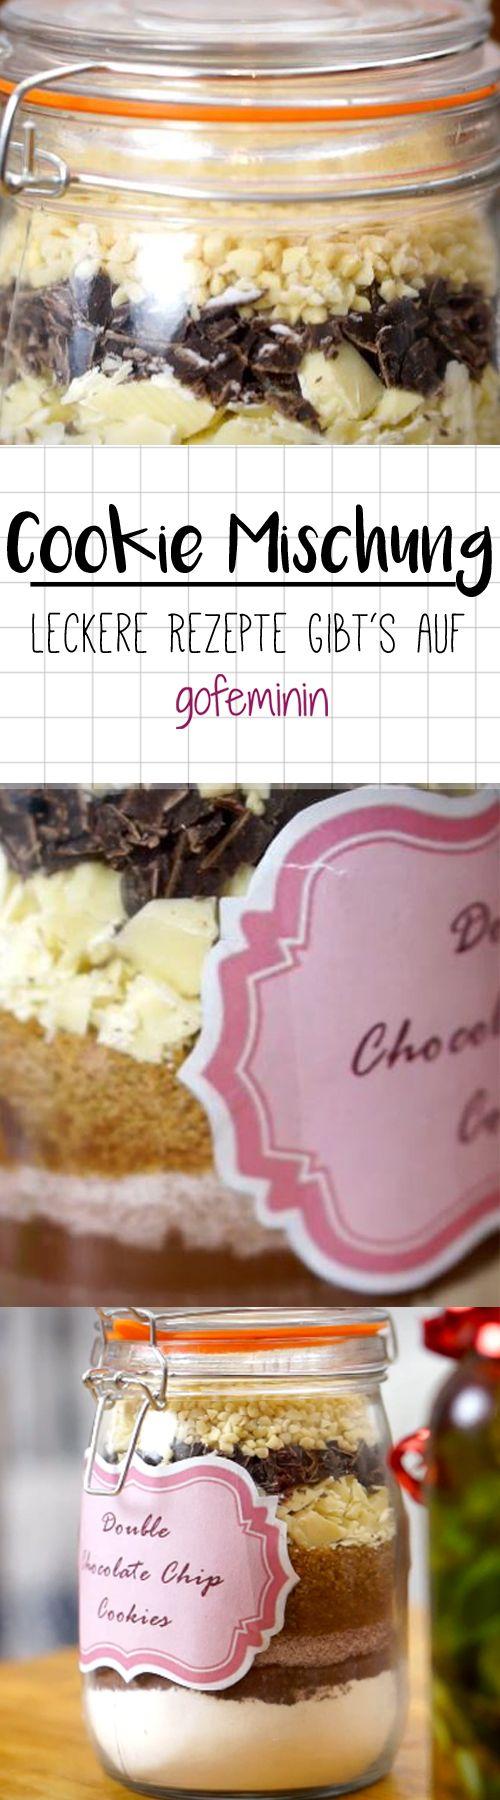 DIY-Geschenk zum Nachmachen: Leckere Cookie-Backmischung